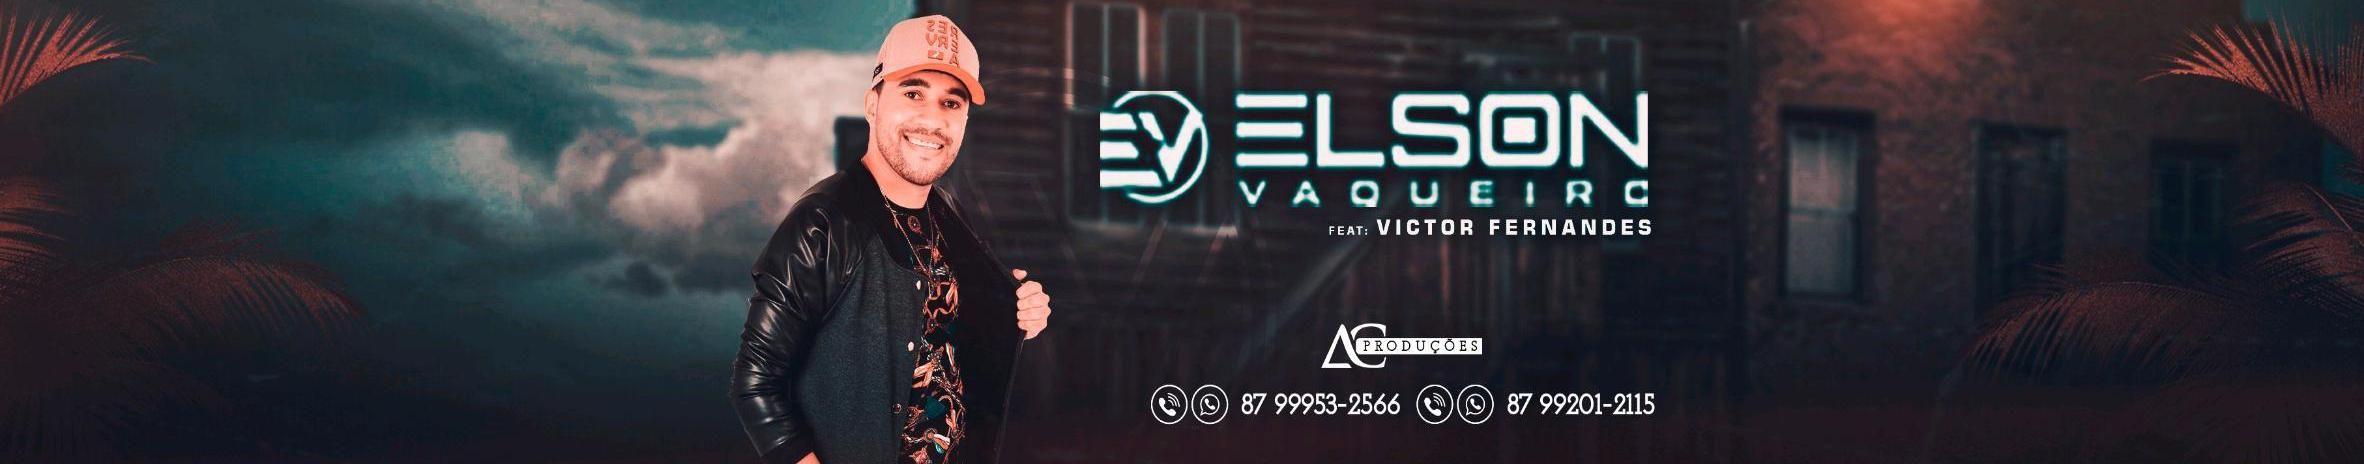 Imagem de capa de Elson Vaqueiro